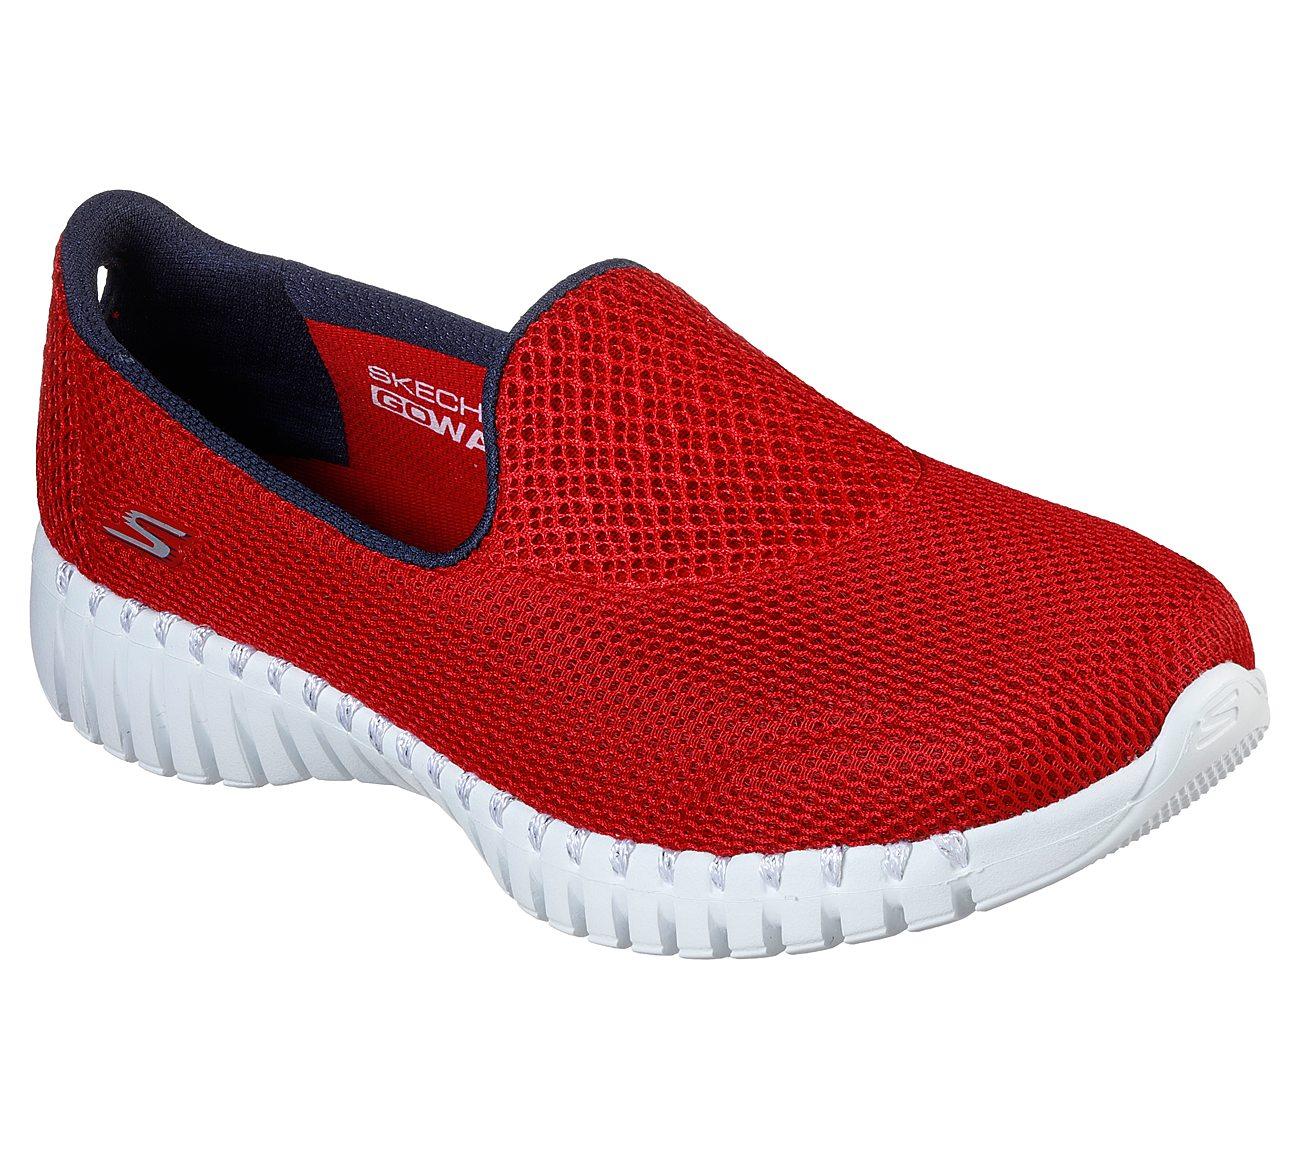 Skechers GOwalk Smart - Crafty